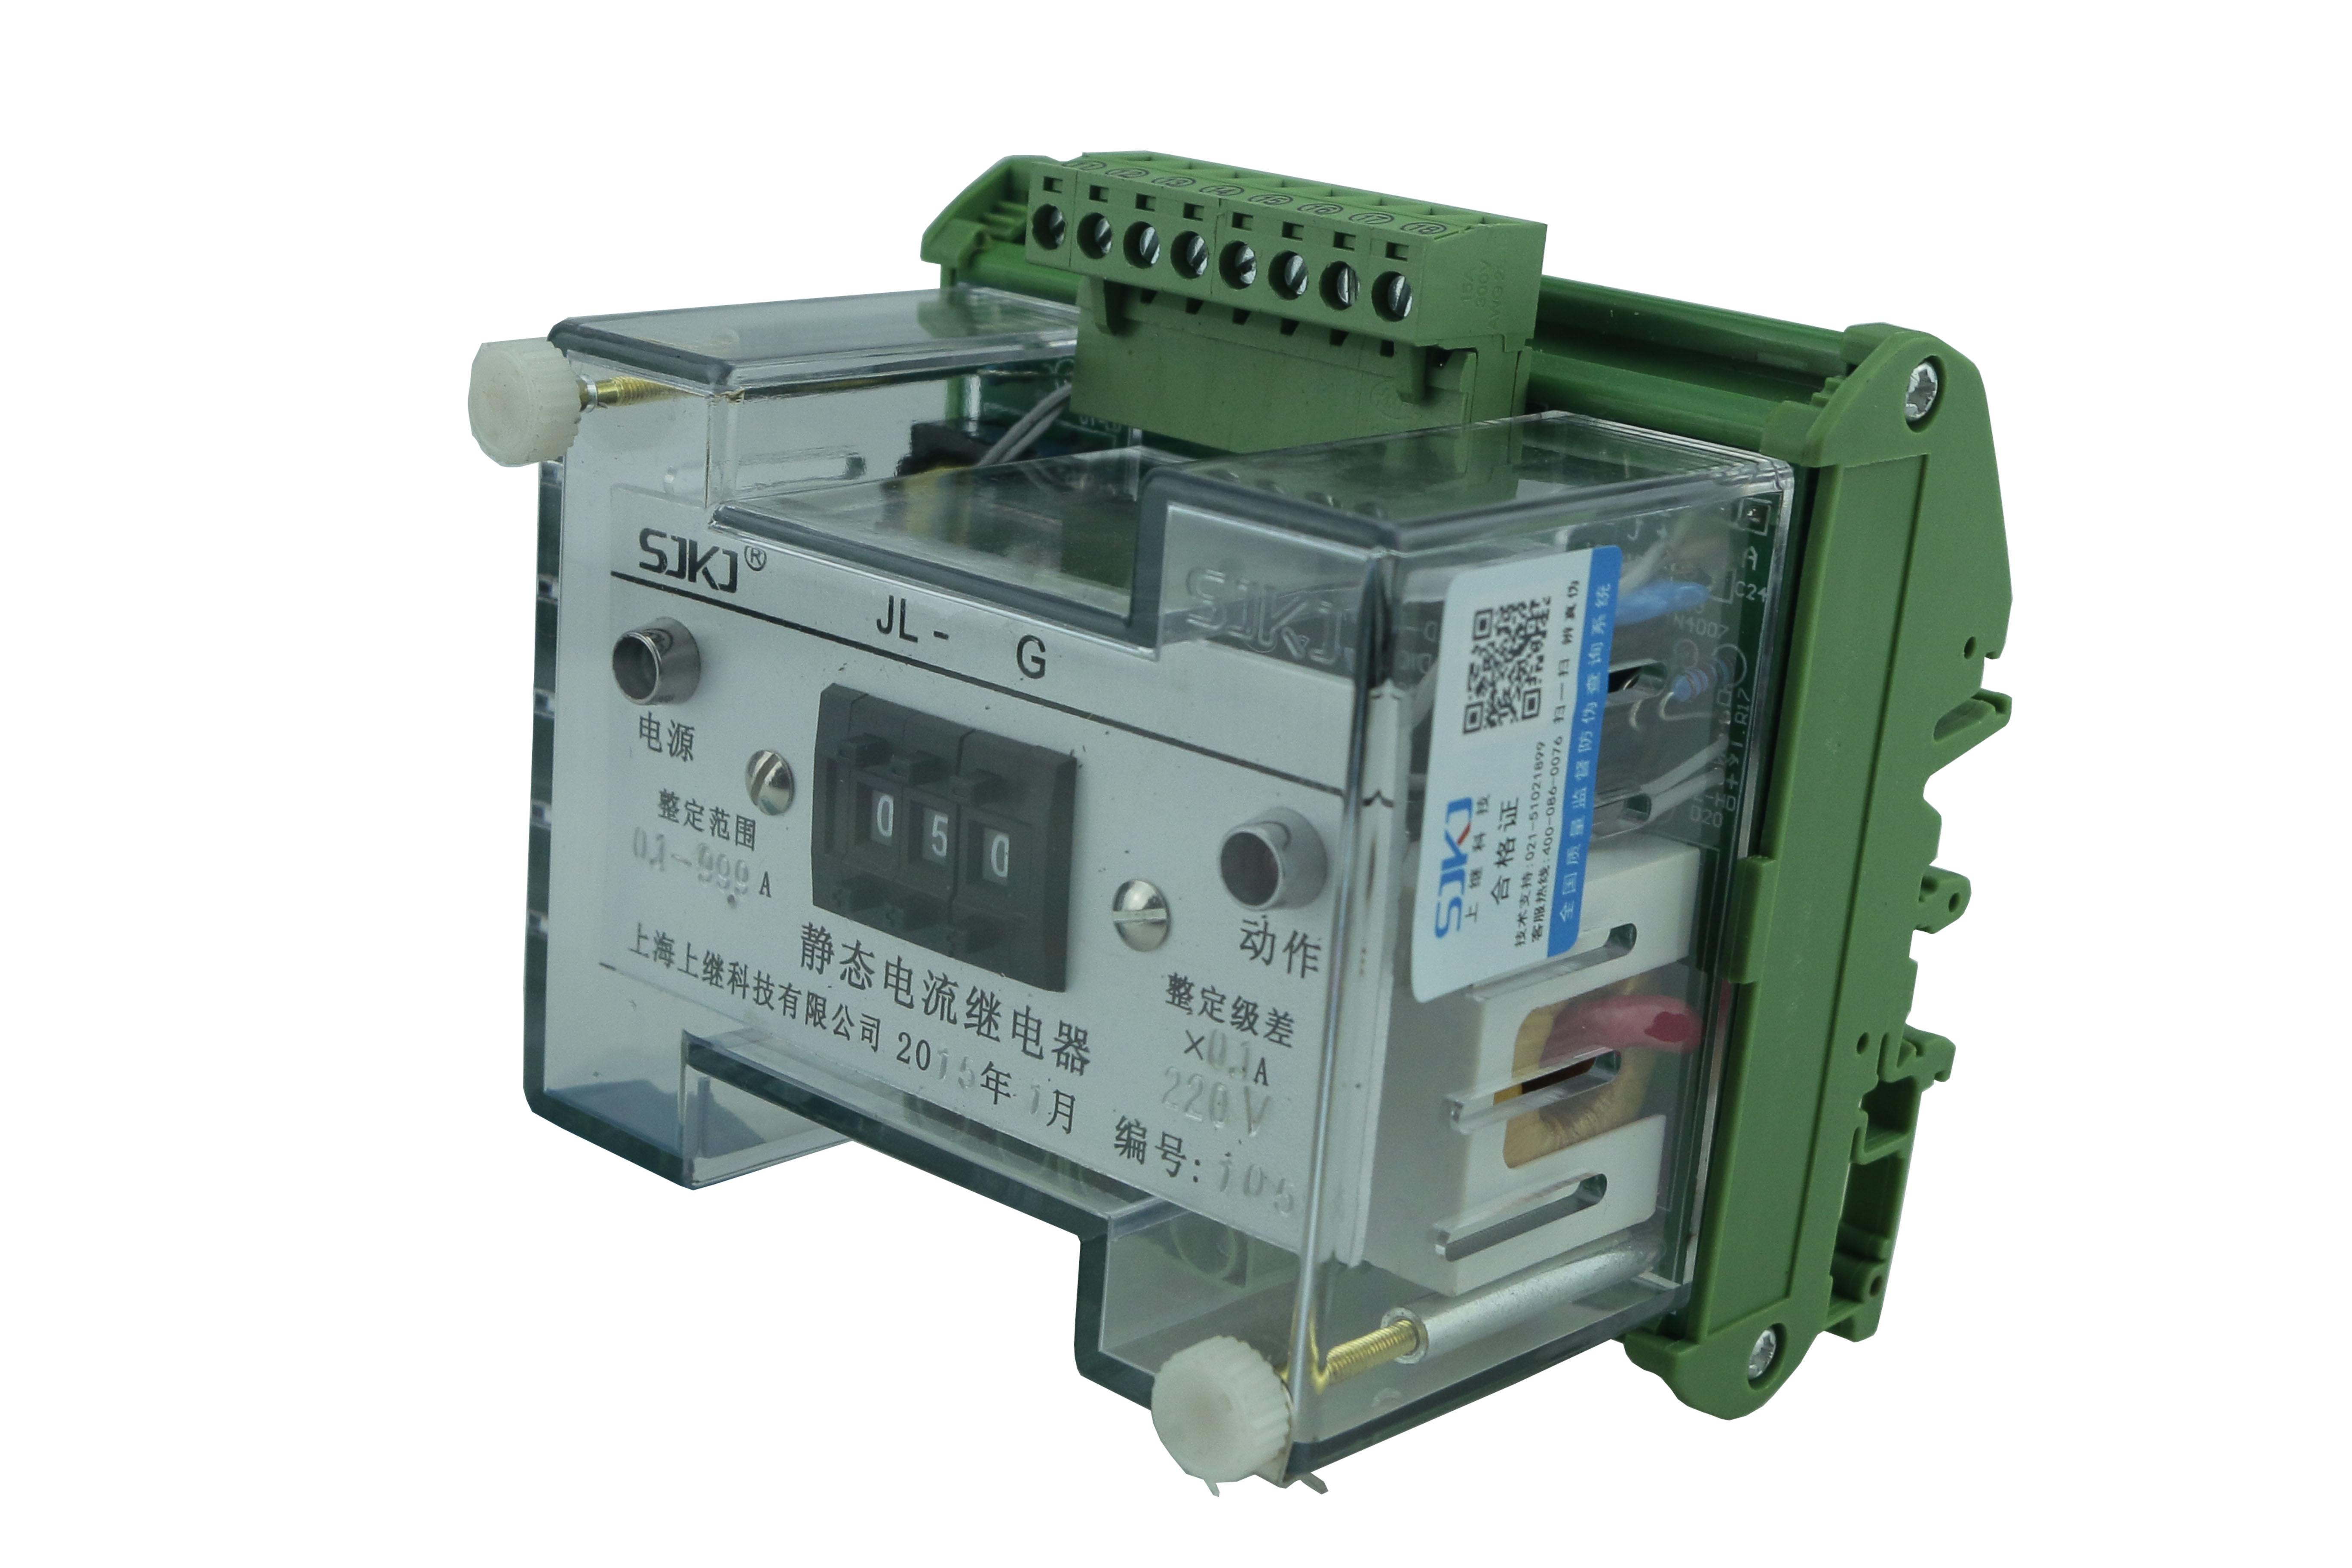 什么是热过载继电器 热过载继电器是一种通过加热元件完成动作的一种继电器。它的原理是这样的,当它与主电路相接后就会释放出电流,该电流与电动机的电流是相等的,等到电动机的过载上升到了某种程度时,继电器发热的元件就会被加热会弯曲,弯曲到一定程度后,就能推动继电器做相应的动作。  工作原理 热继电器是一种被广泛应用于保护电动机过载的元件。它的动作特性曲线一般都与电动机允许发热的特性曲线非常接近。作为保护电动机过载的一个元件,除了必须能够保证电动机的正常运行和起动不会受到任何影响,还需要让电动机能够最大限度的发挥它